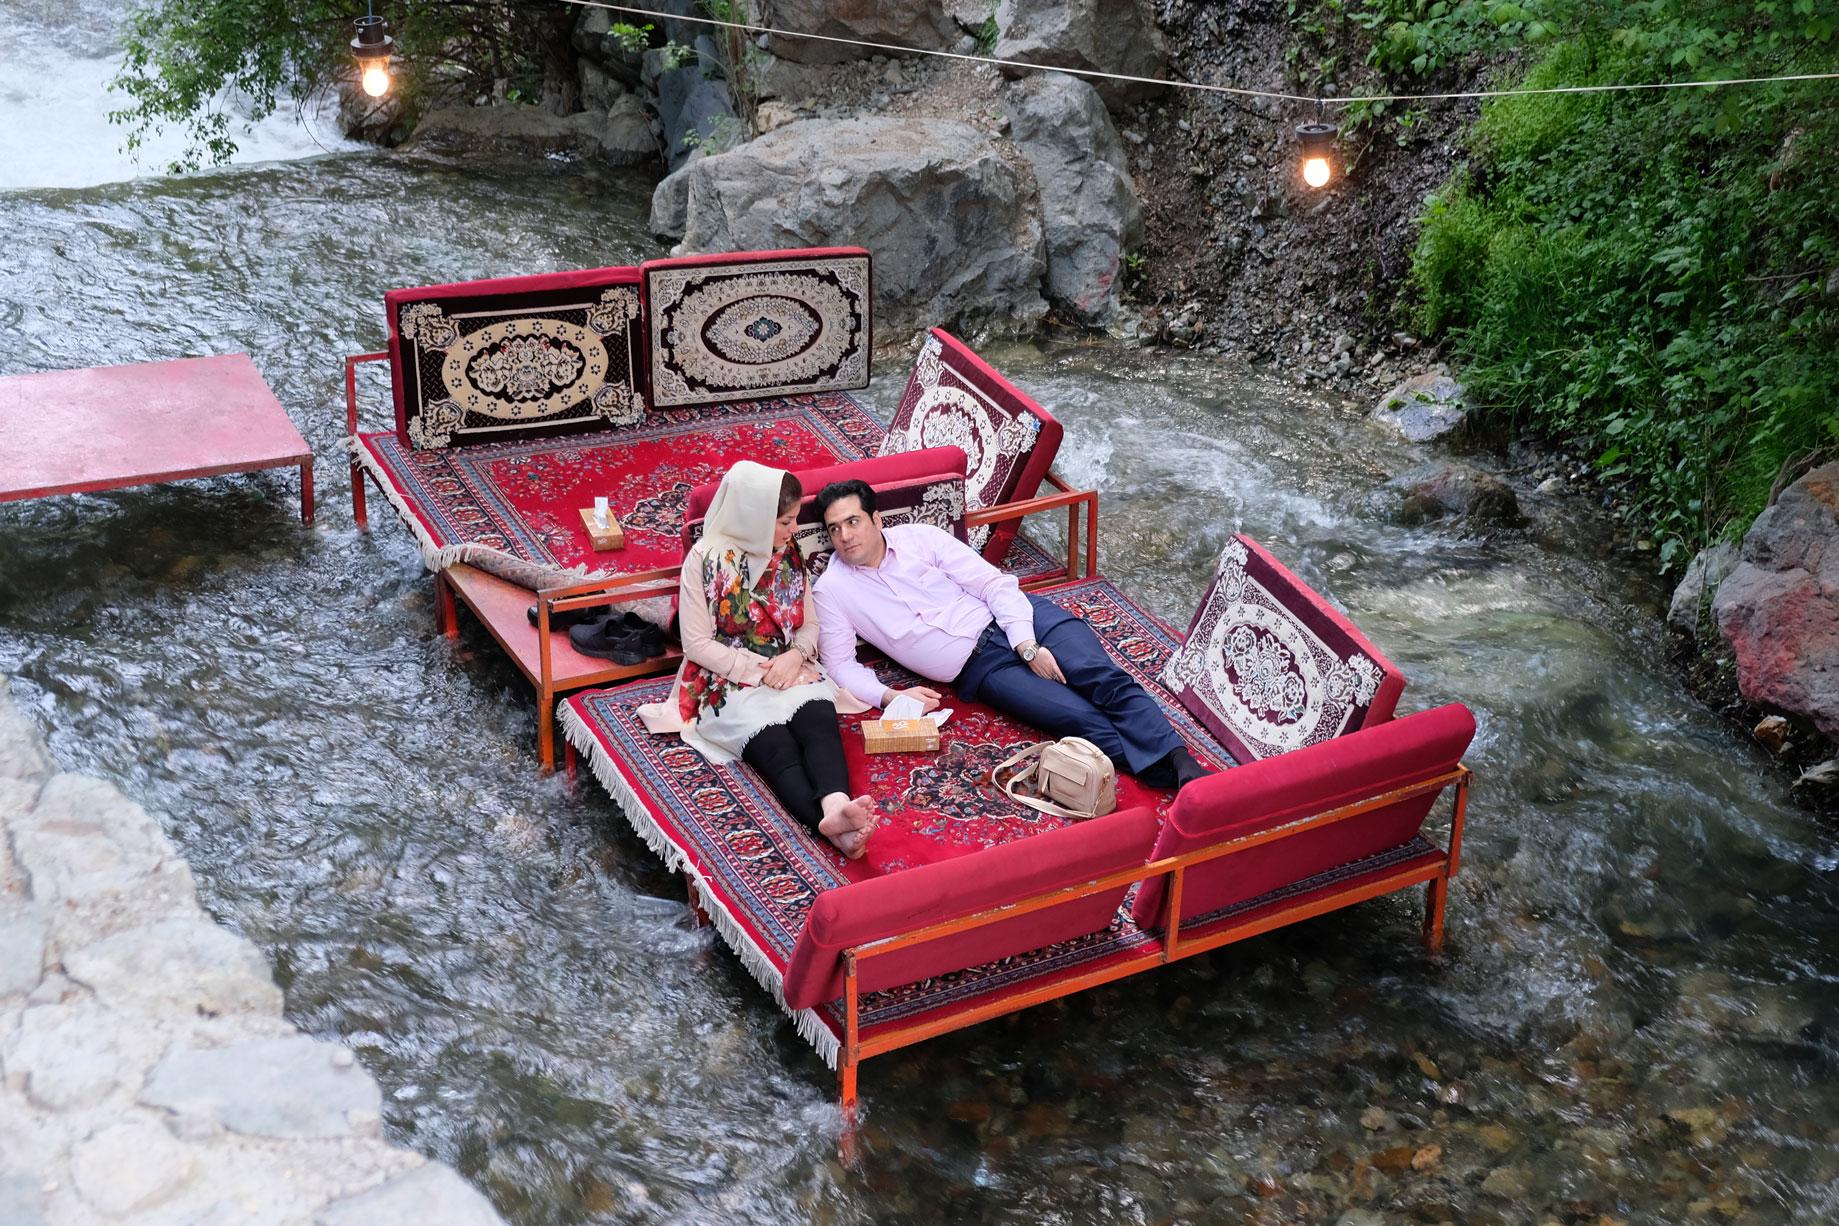 Ein Liebespaar liegt auf einem Bett, das in einem Fluss steht